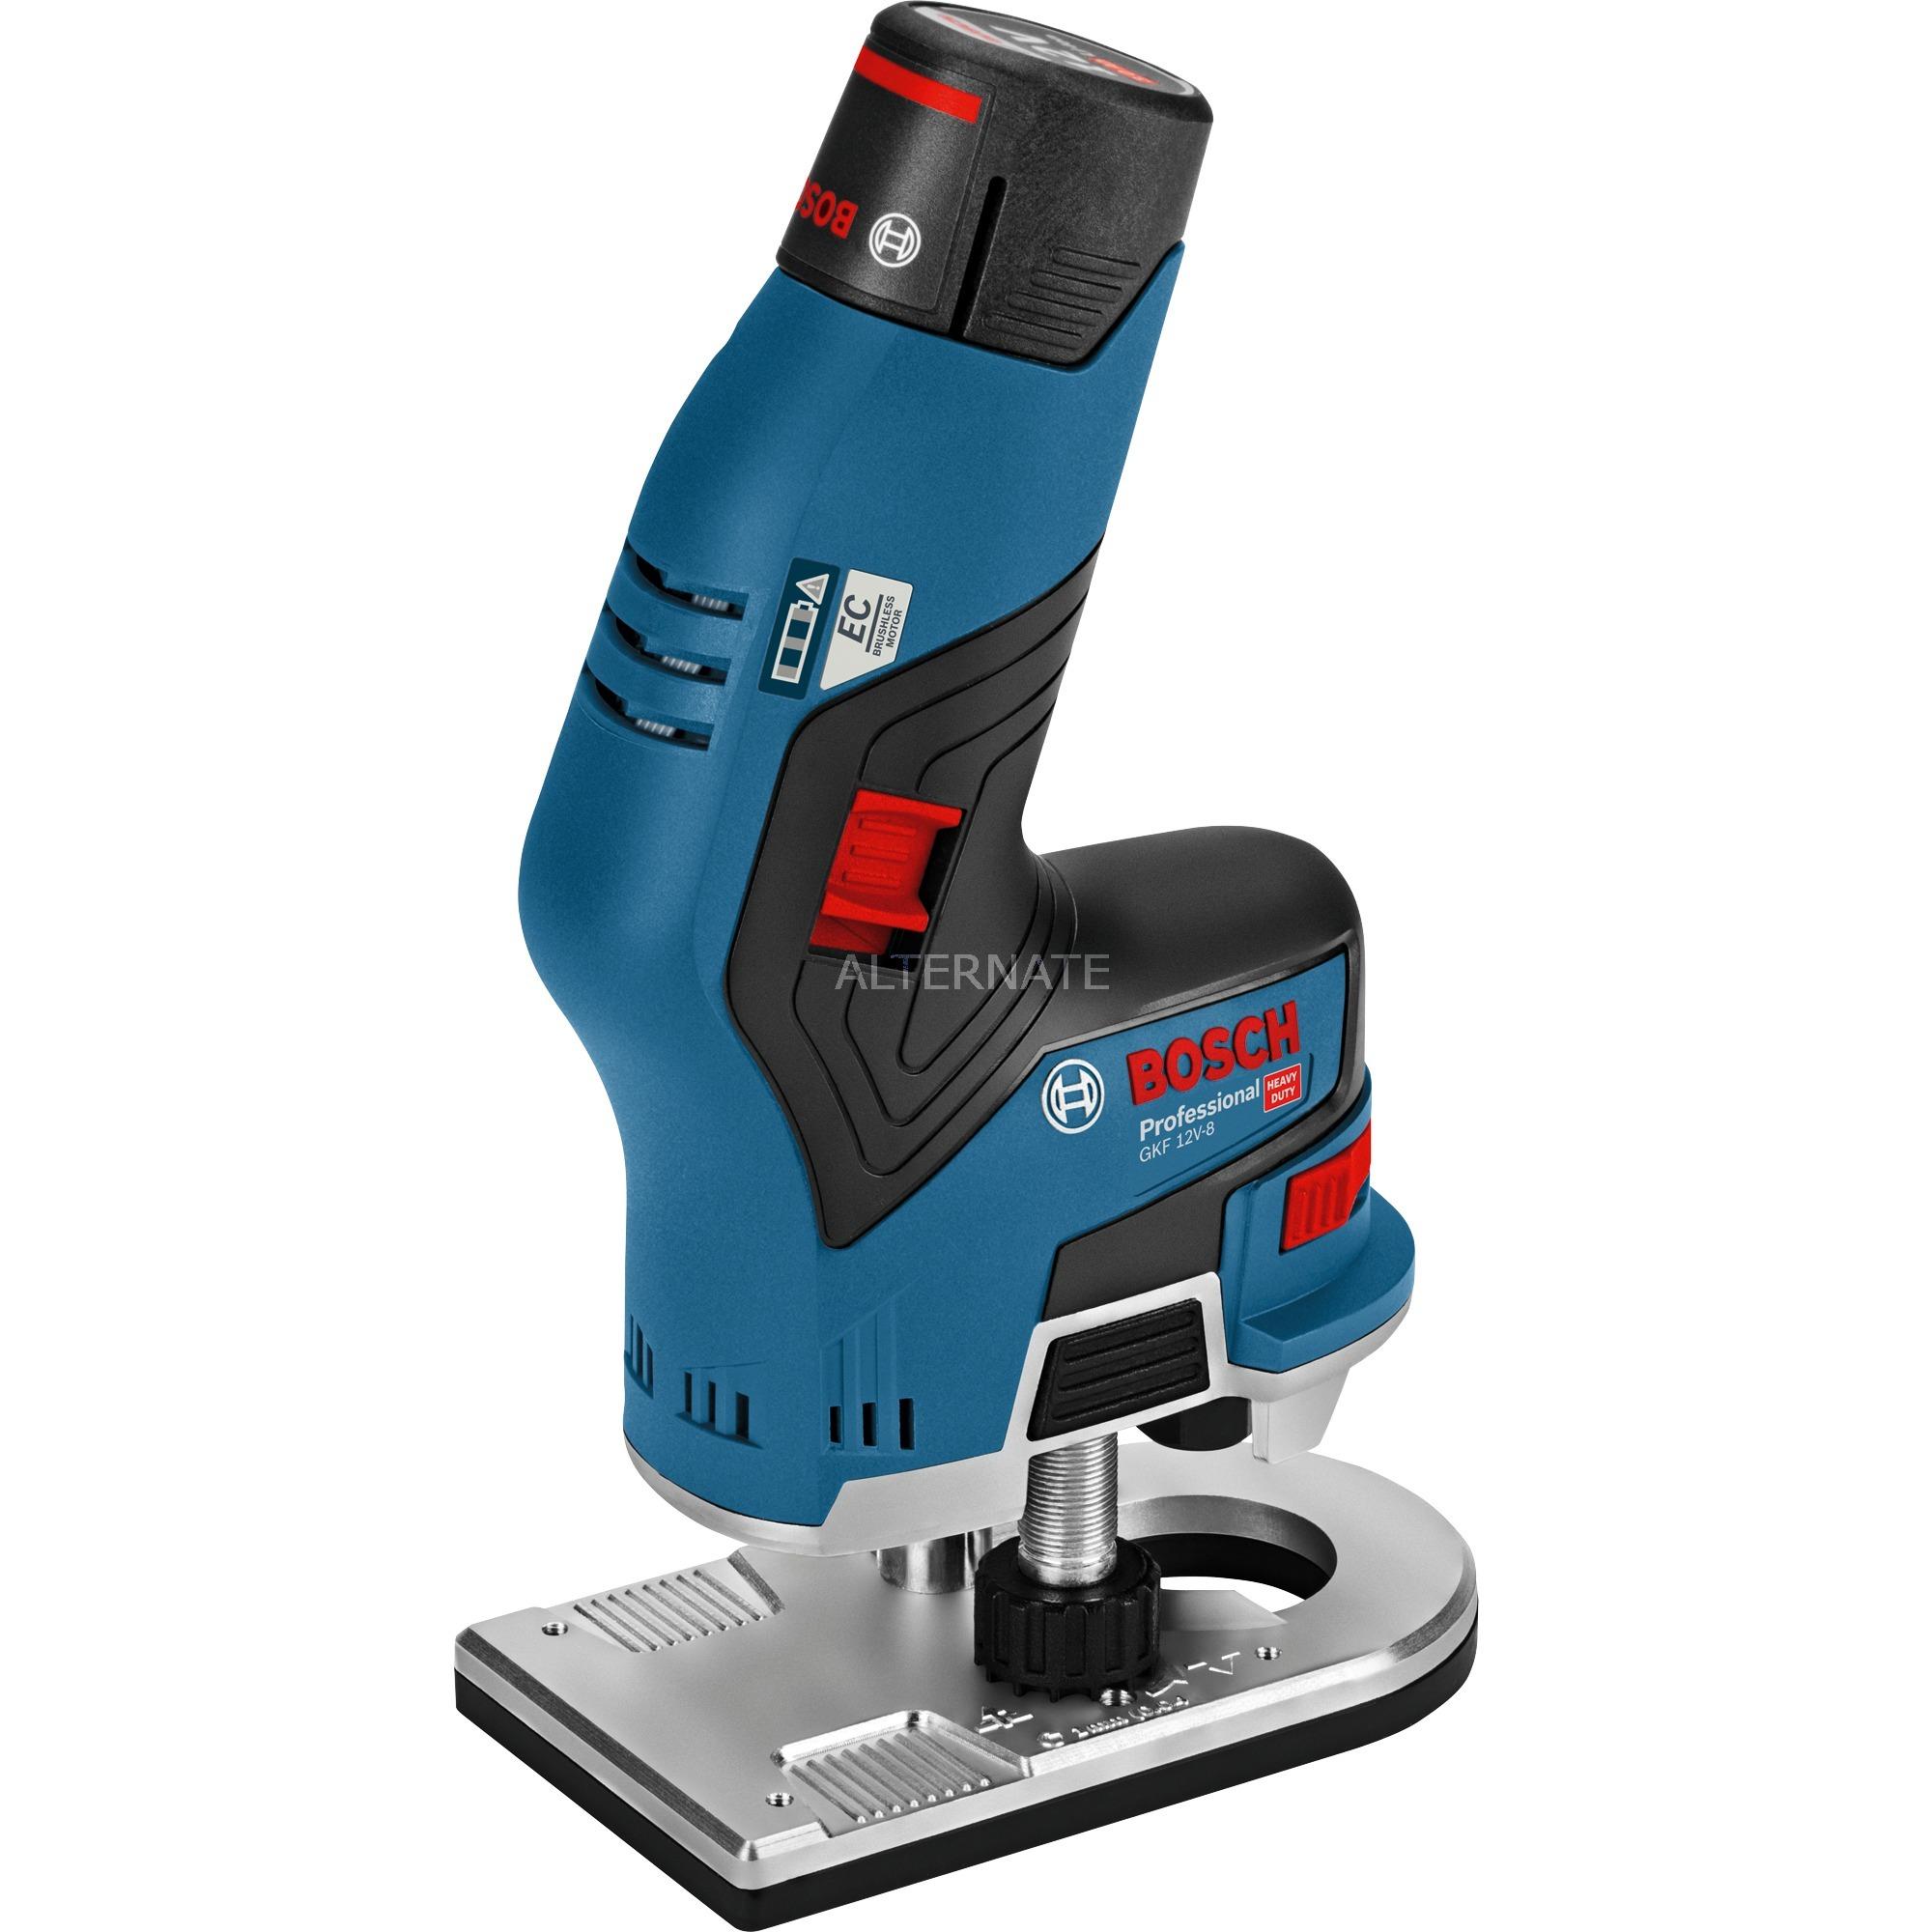 GKF 12V-8 Professional amoladora recta 13000 RPM Negro, Azul, Rojo, Fresadoras